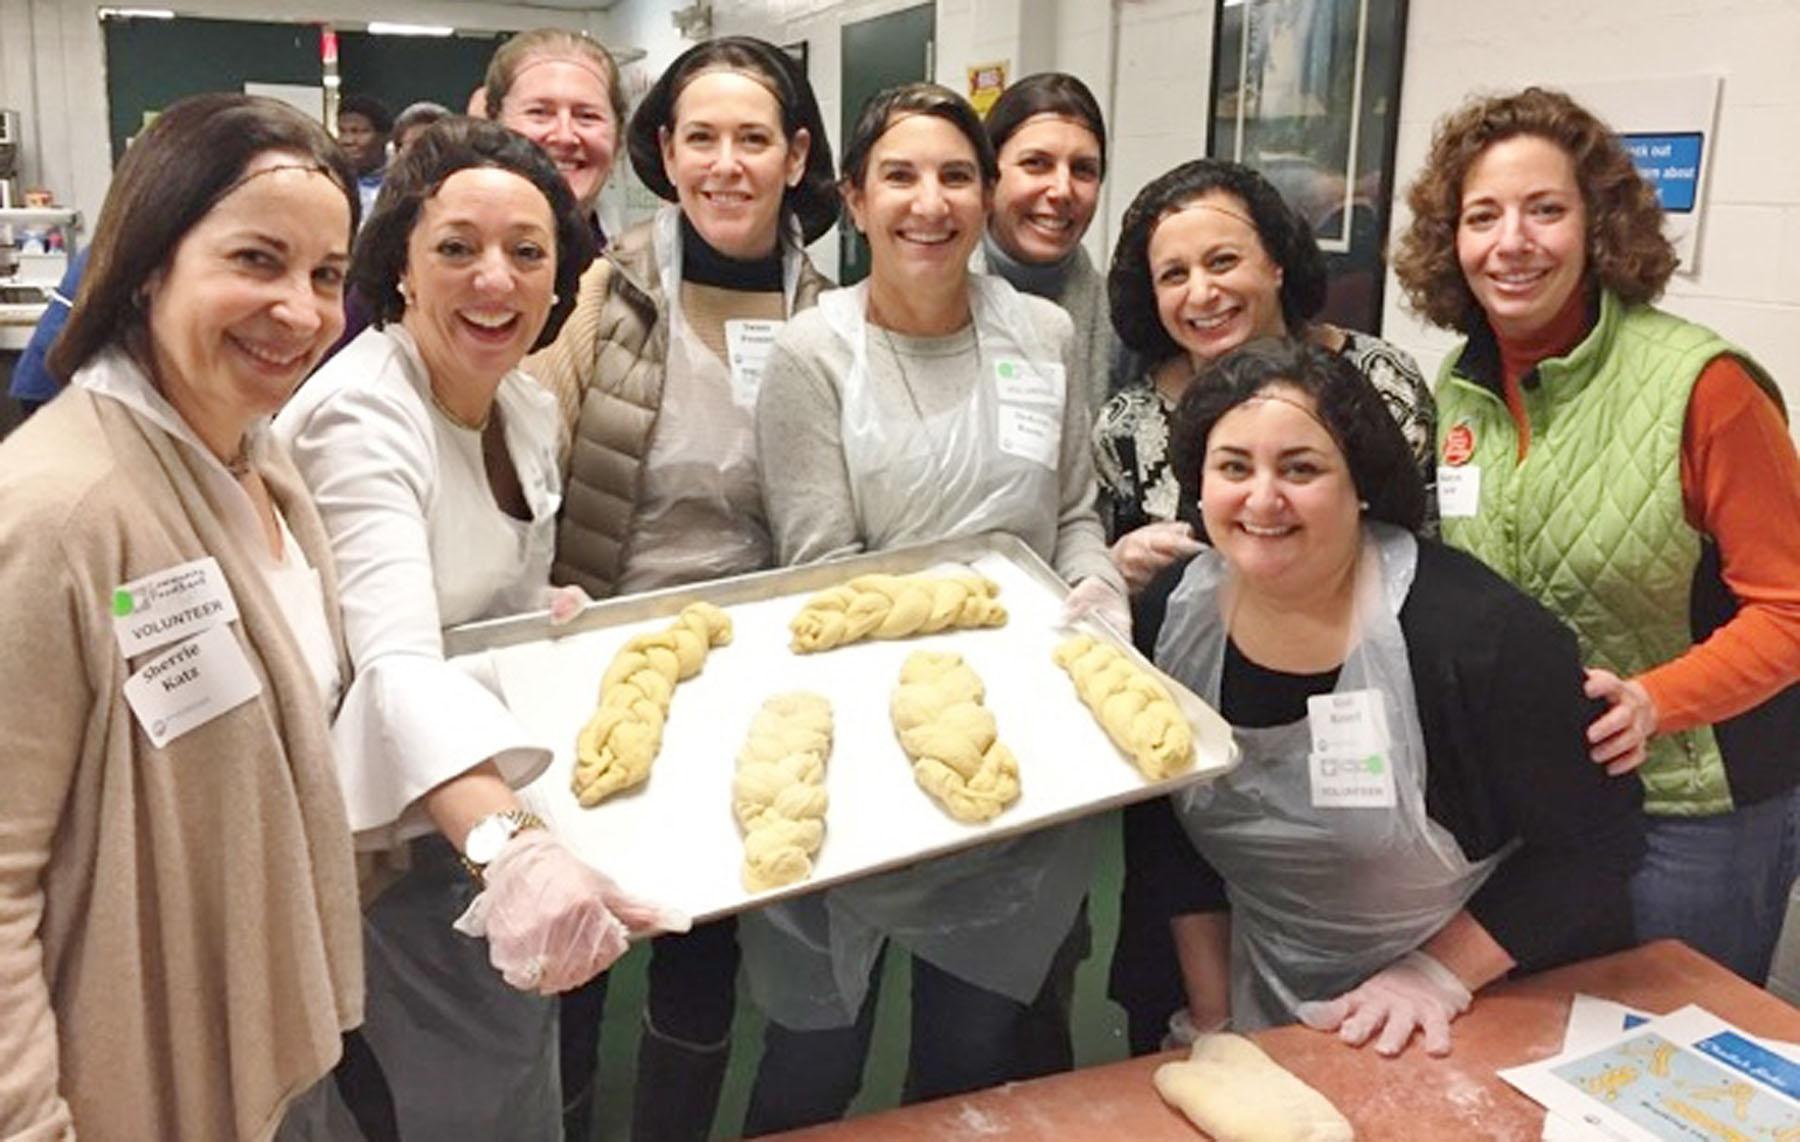 Challah bake at community food bank